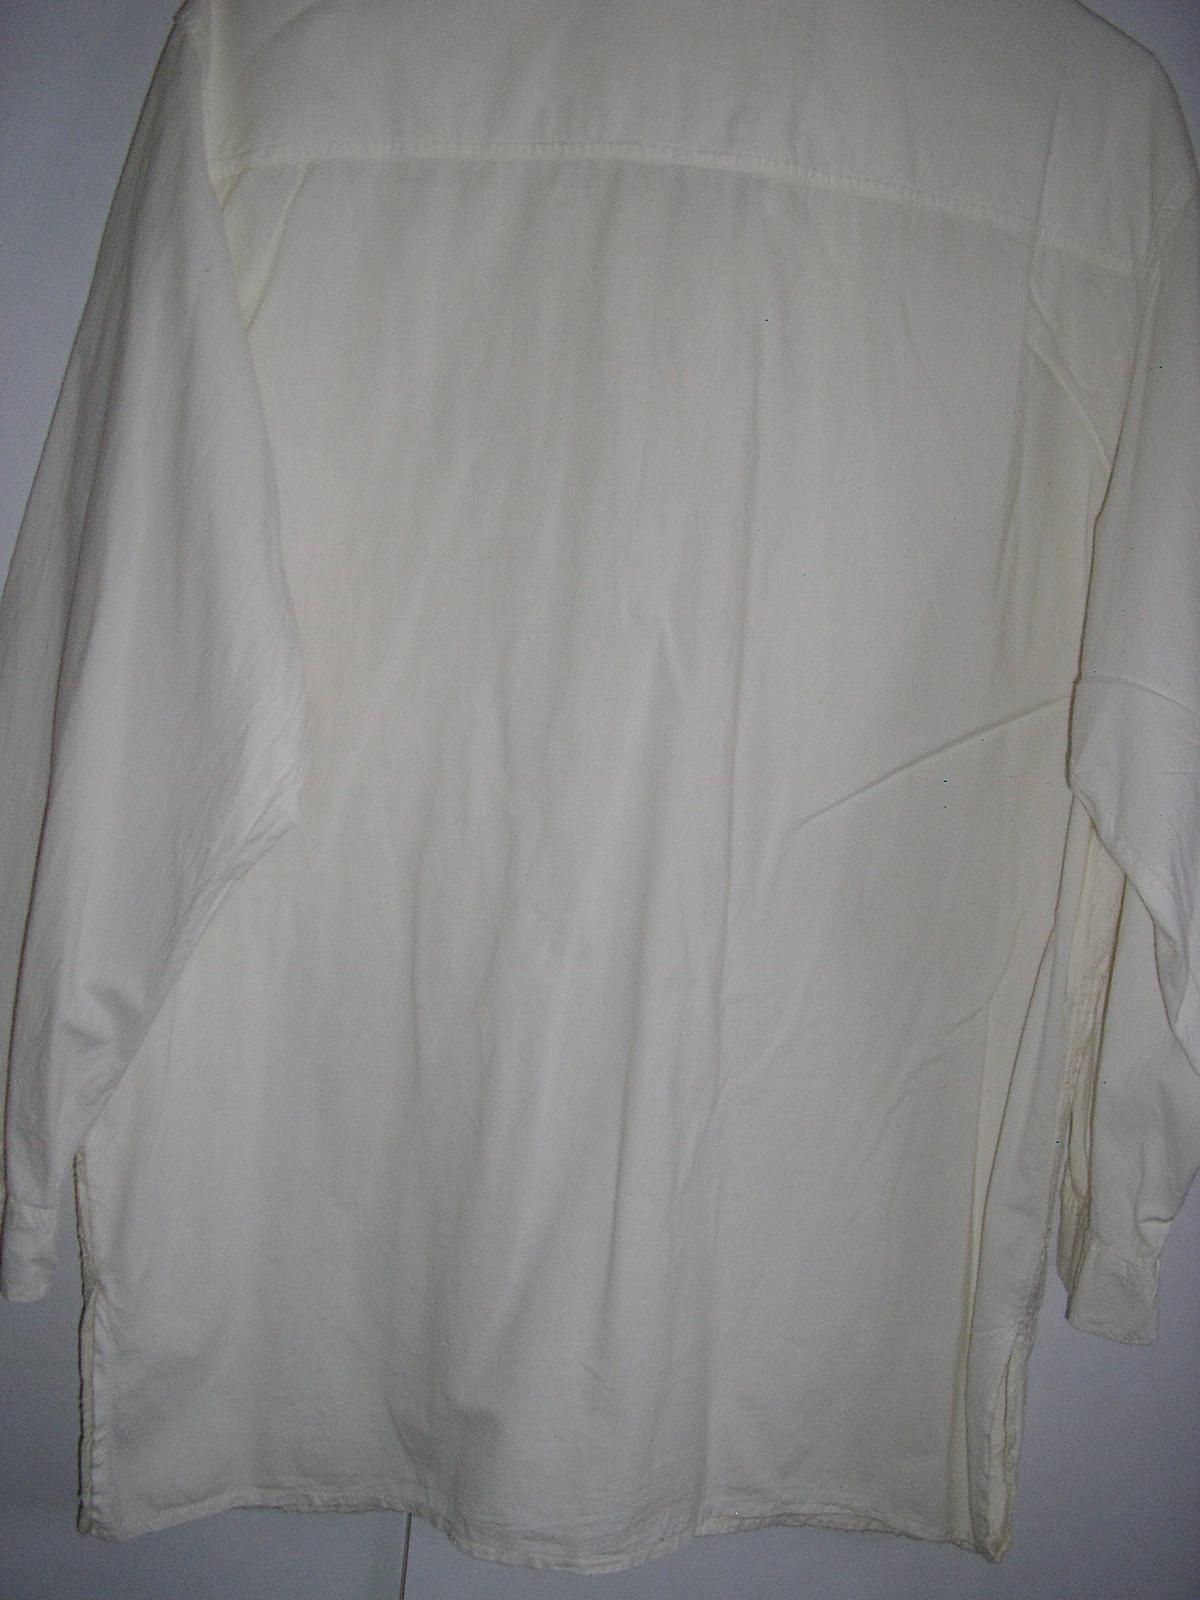 667. Pánska košeľa               - Obrázok č. 3